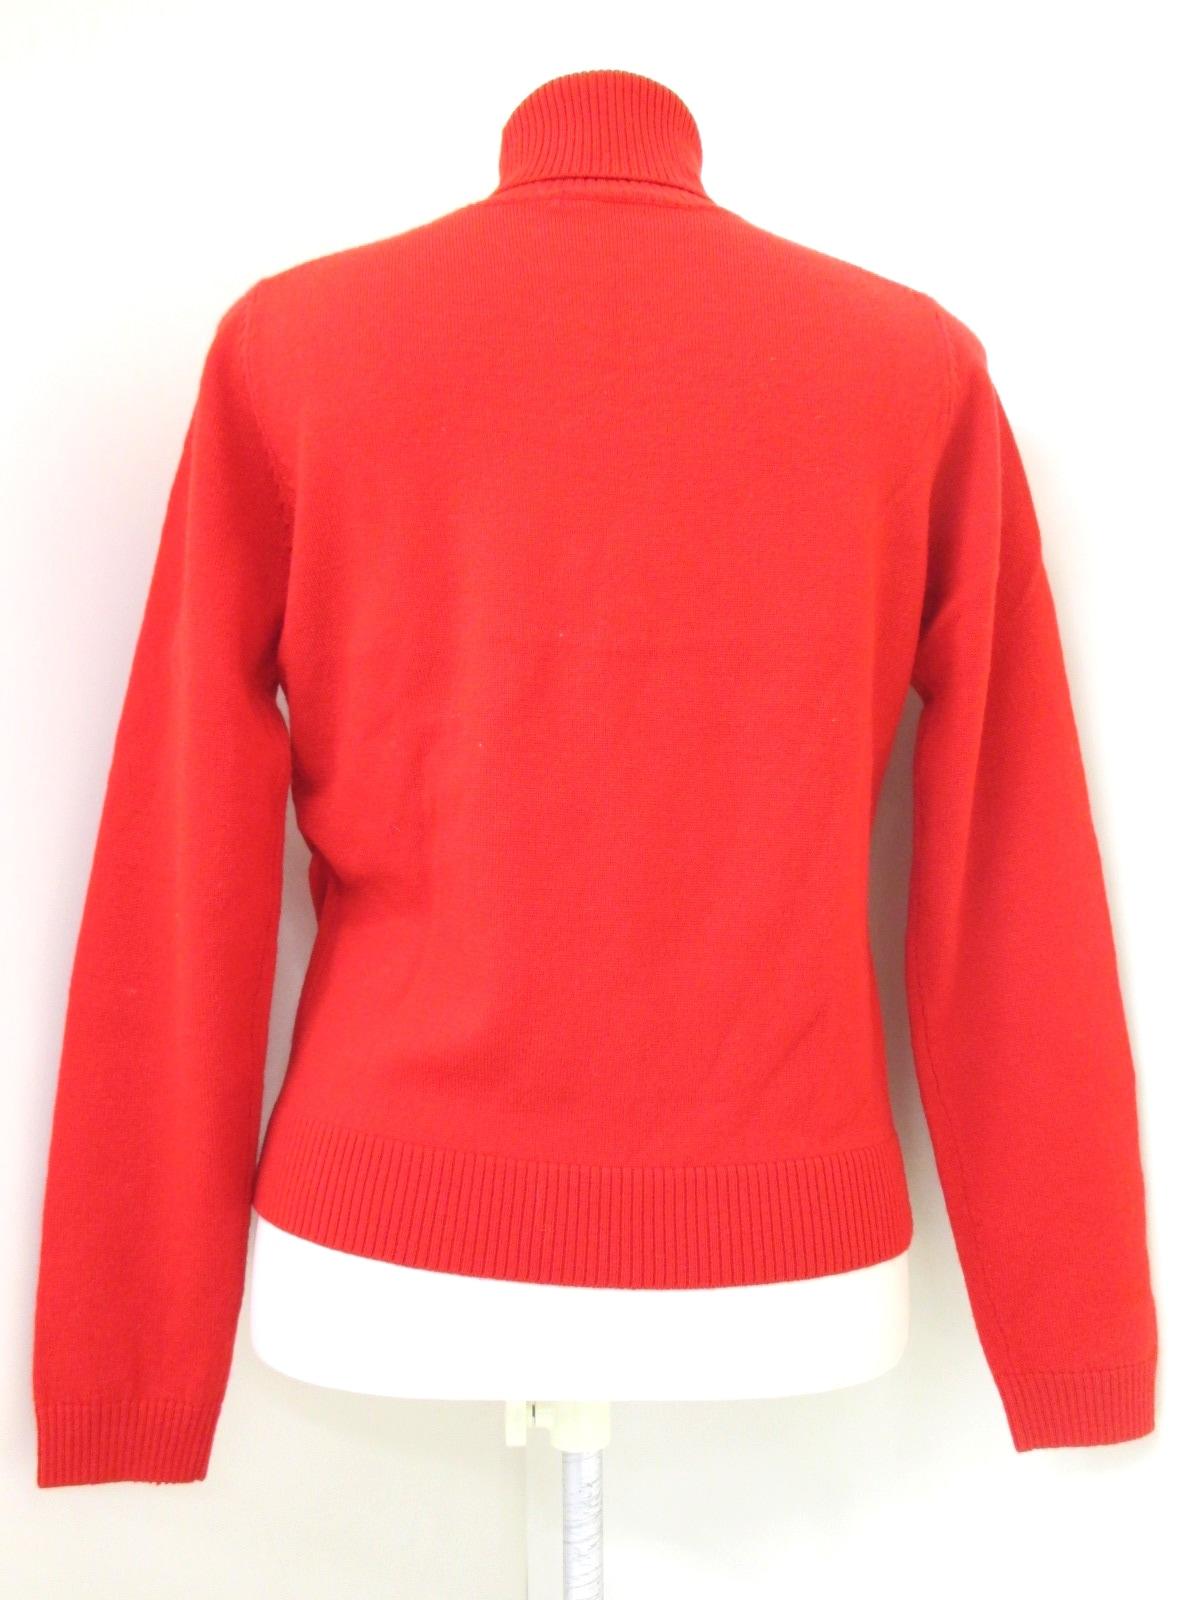 YORKLAND(ヨークランド)のセーター